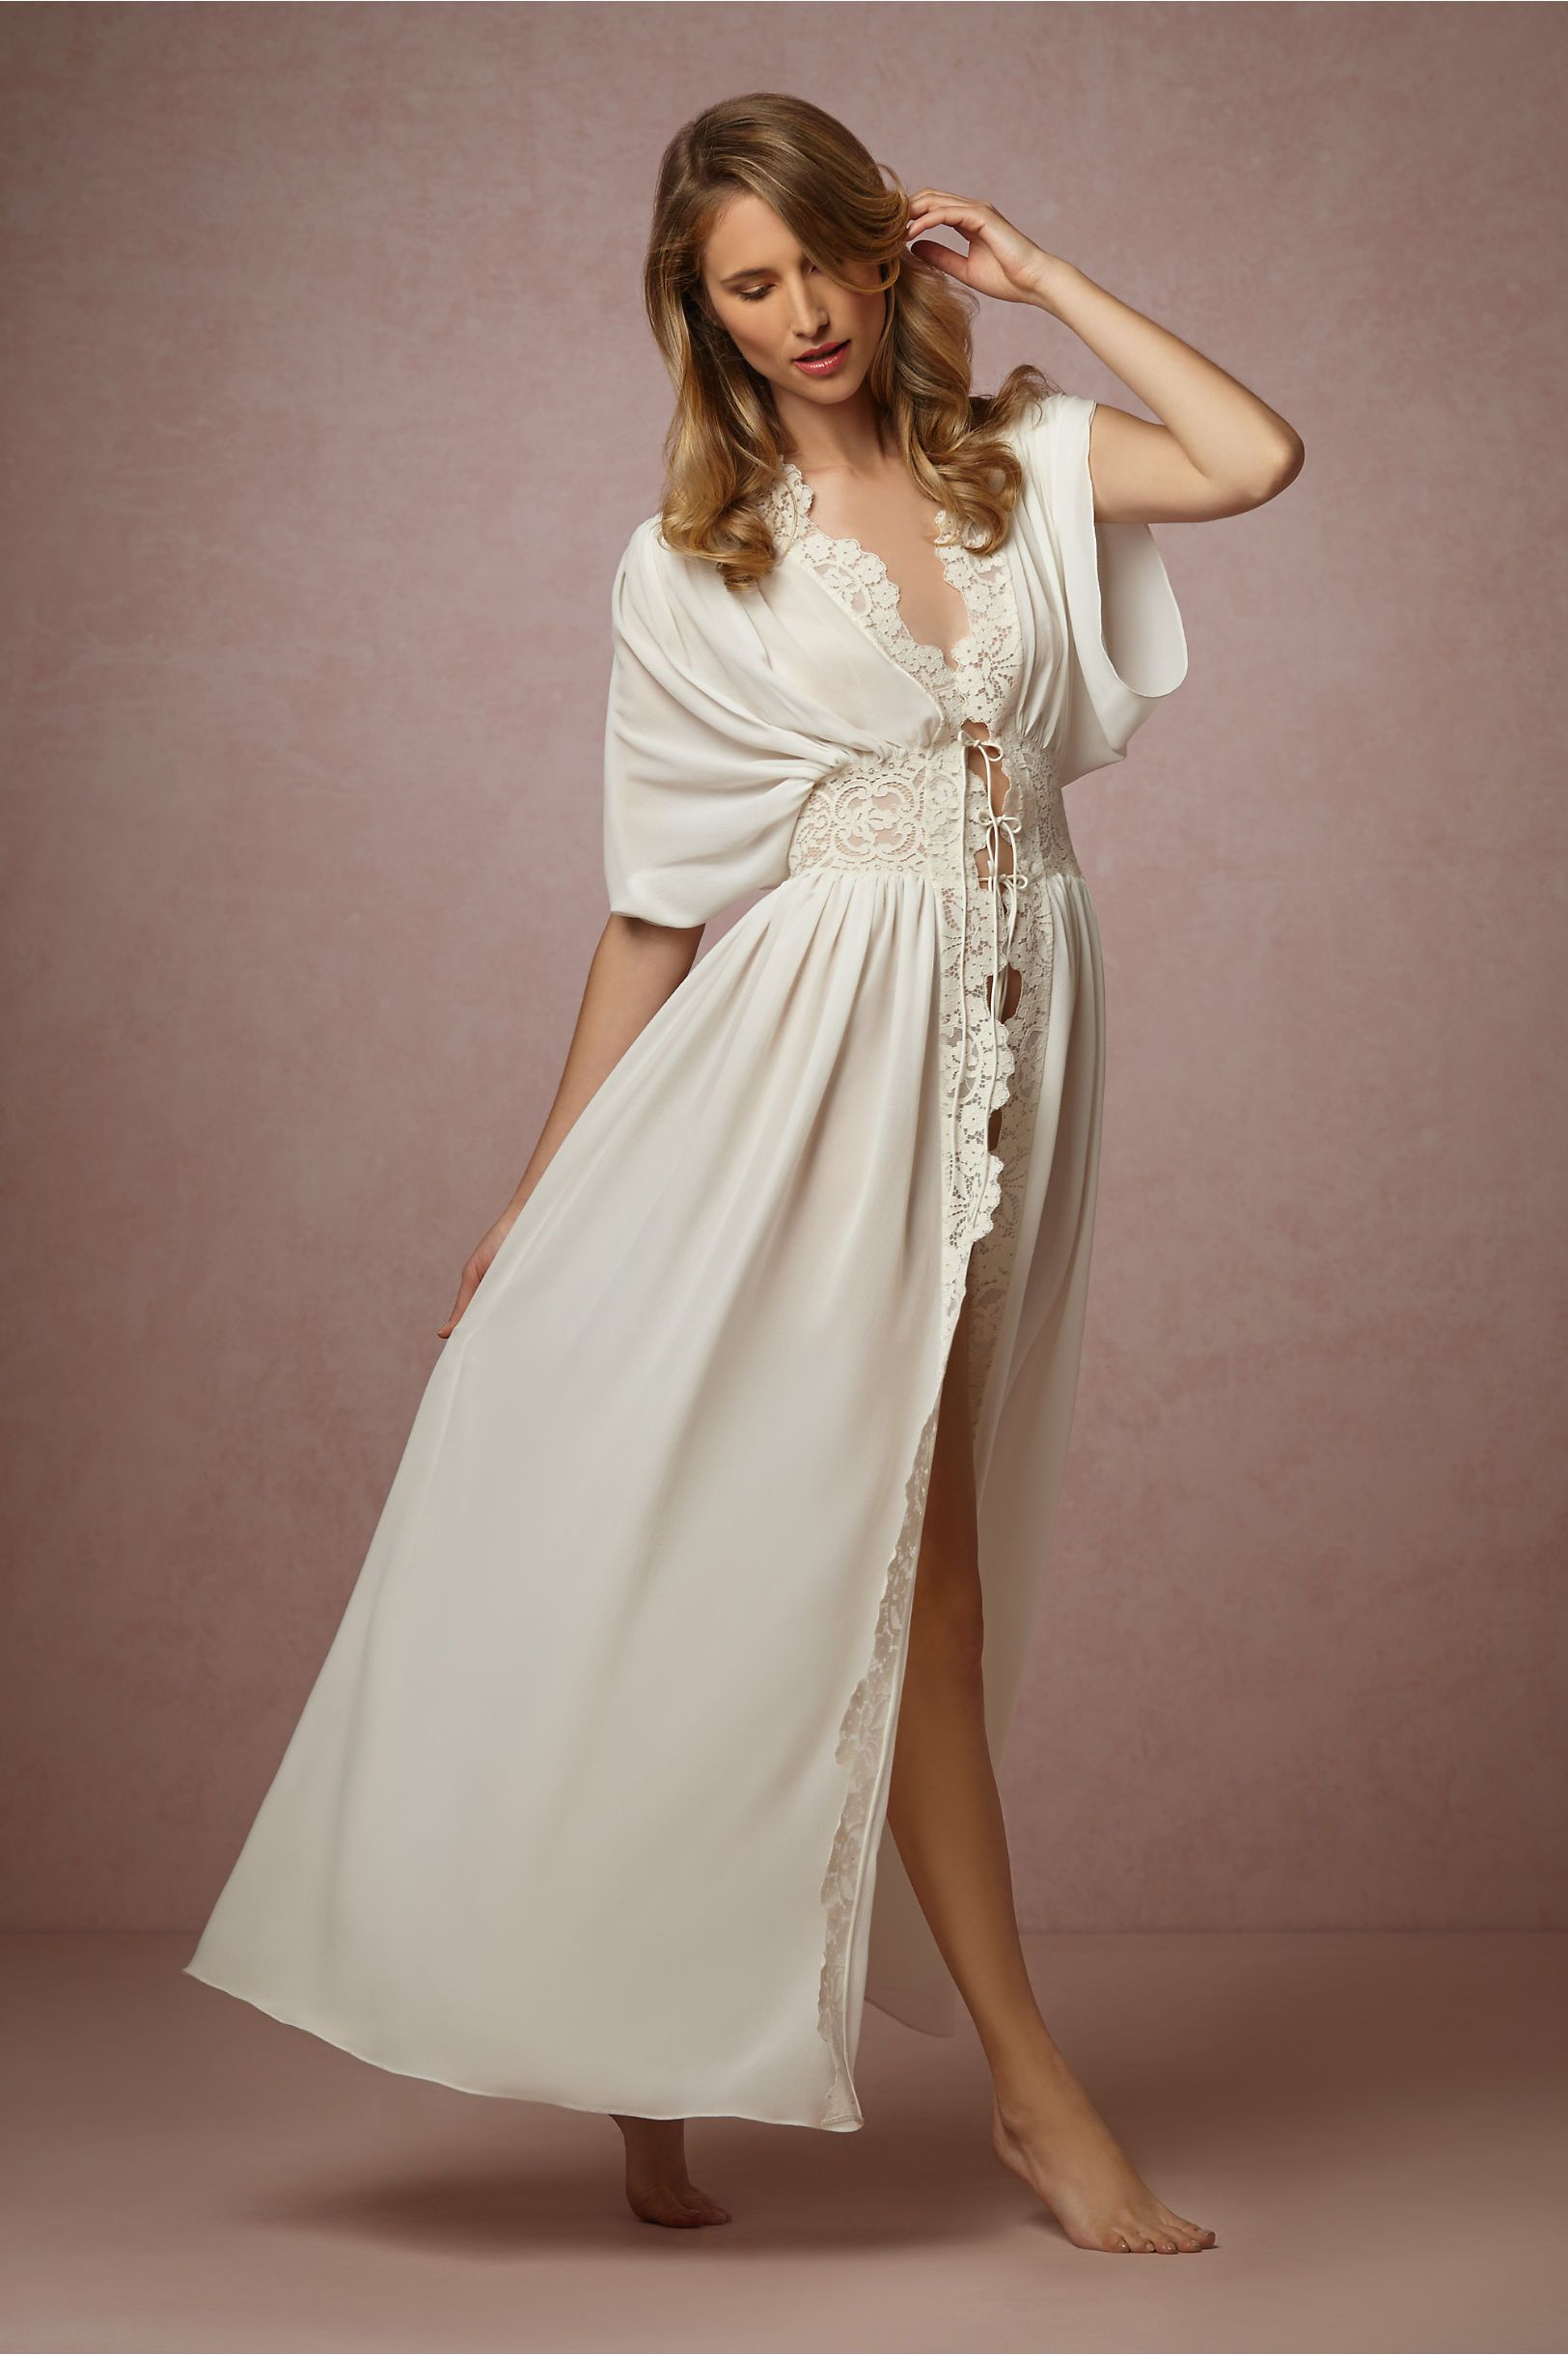 e6eaf2e06 Lila Lace Robe in Lingerie Chemises   Robes at BHLDN Honeymoon Vestido De  Noiva